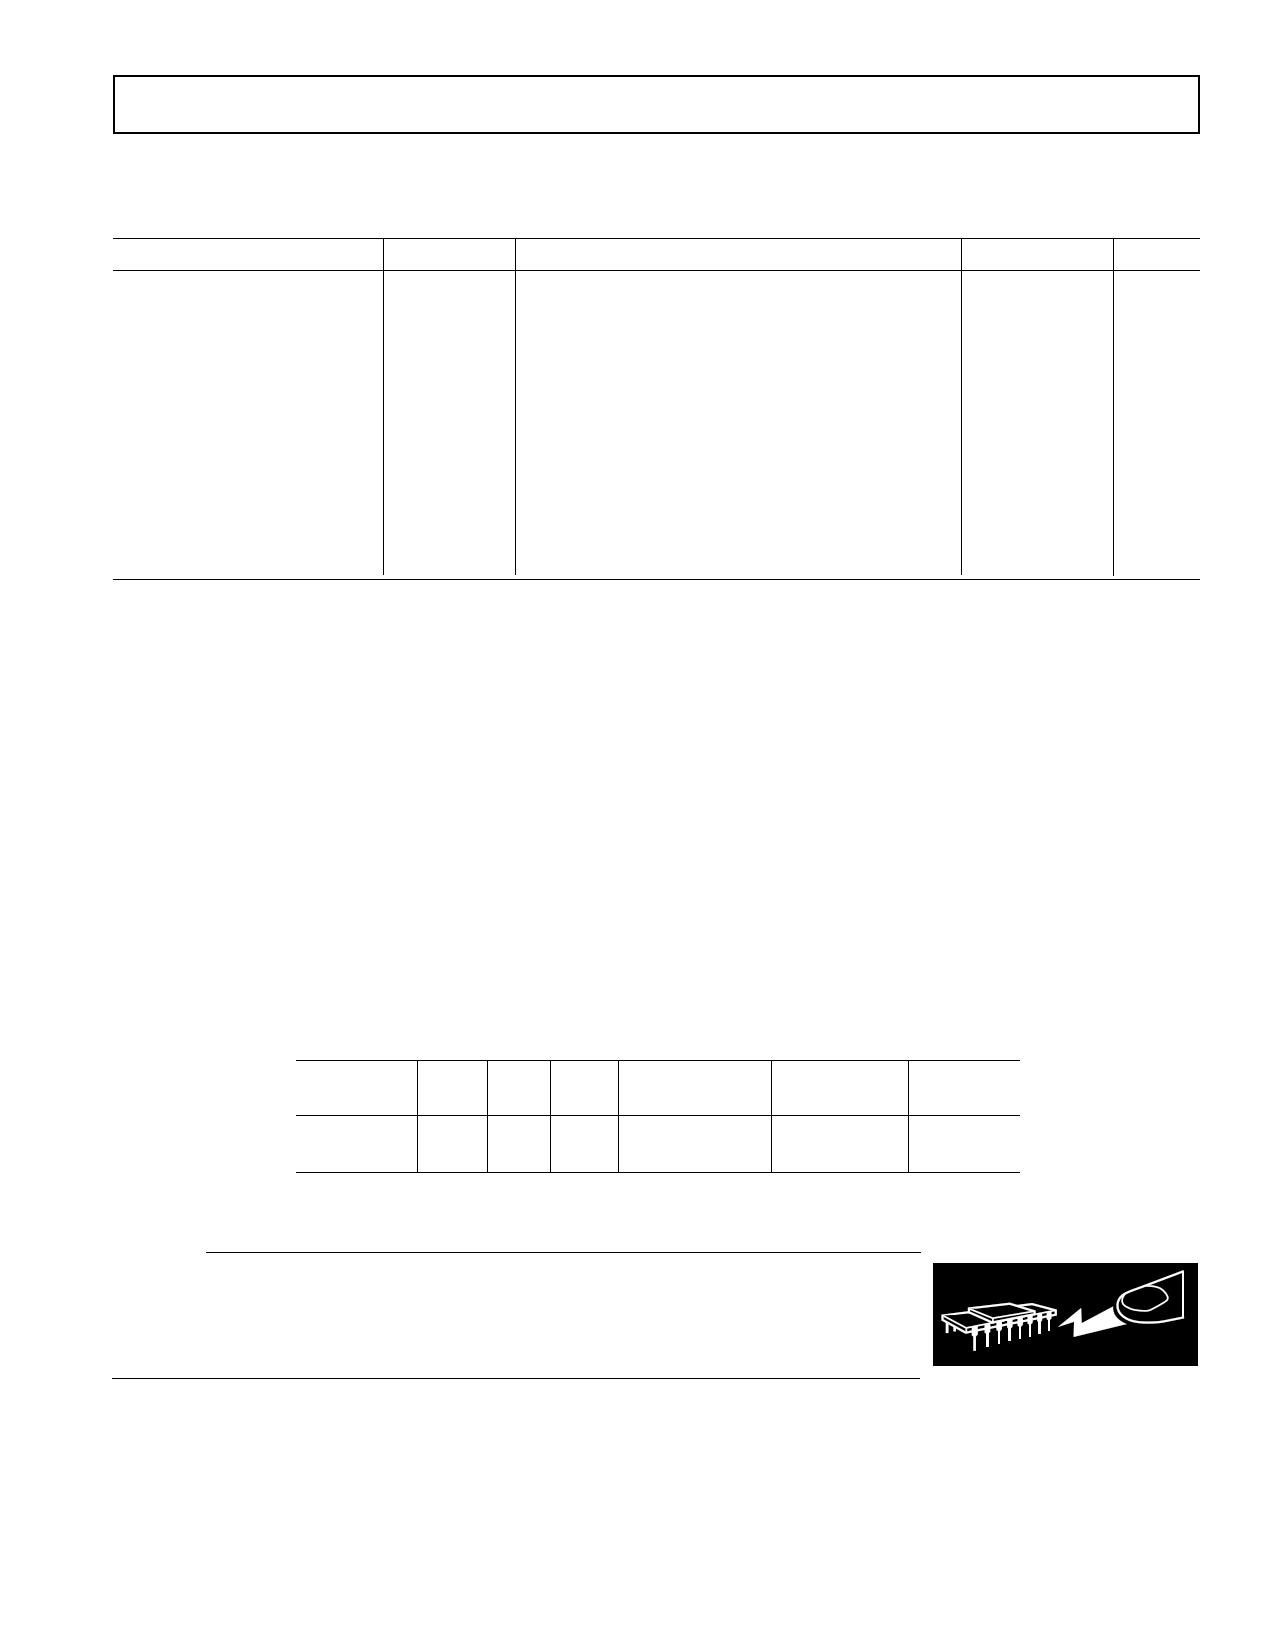 AD5544 pdf